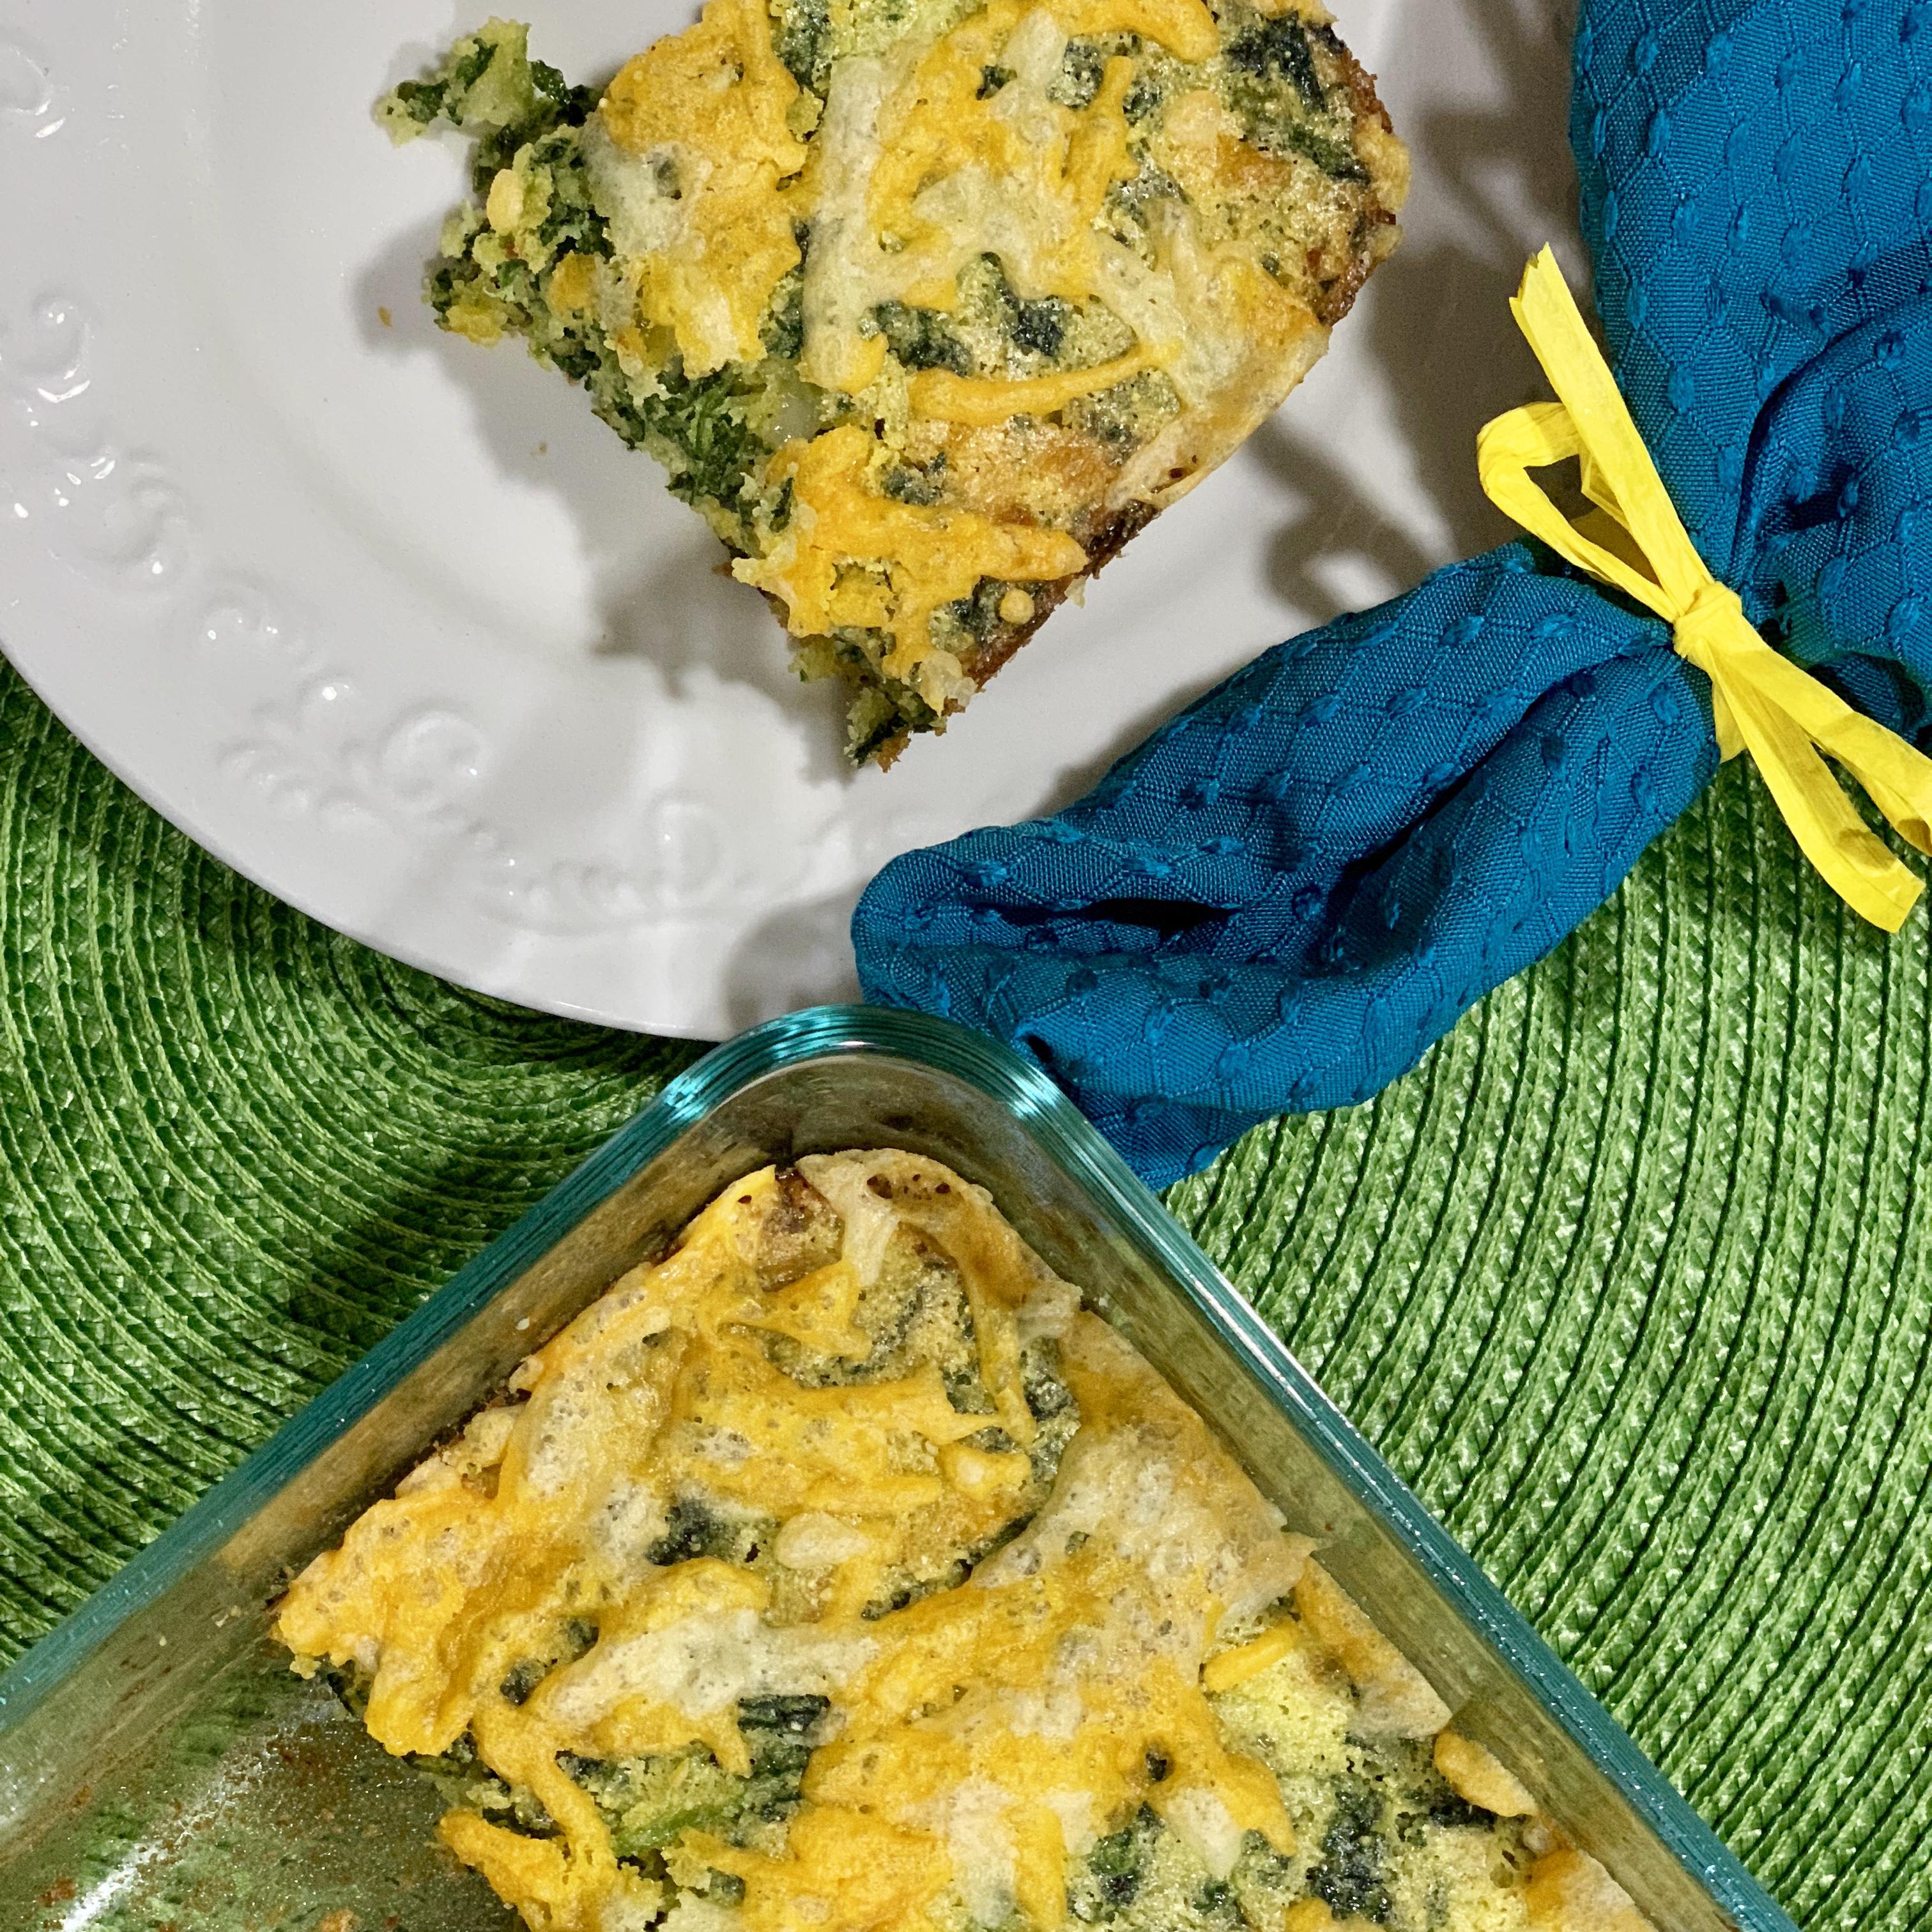 Broccoli Cornbread with Cheese